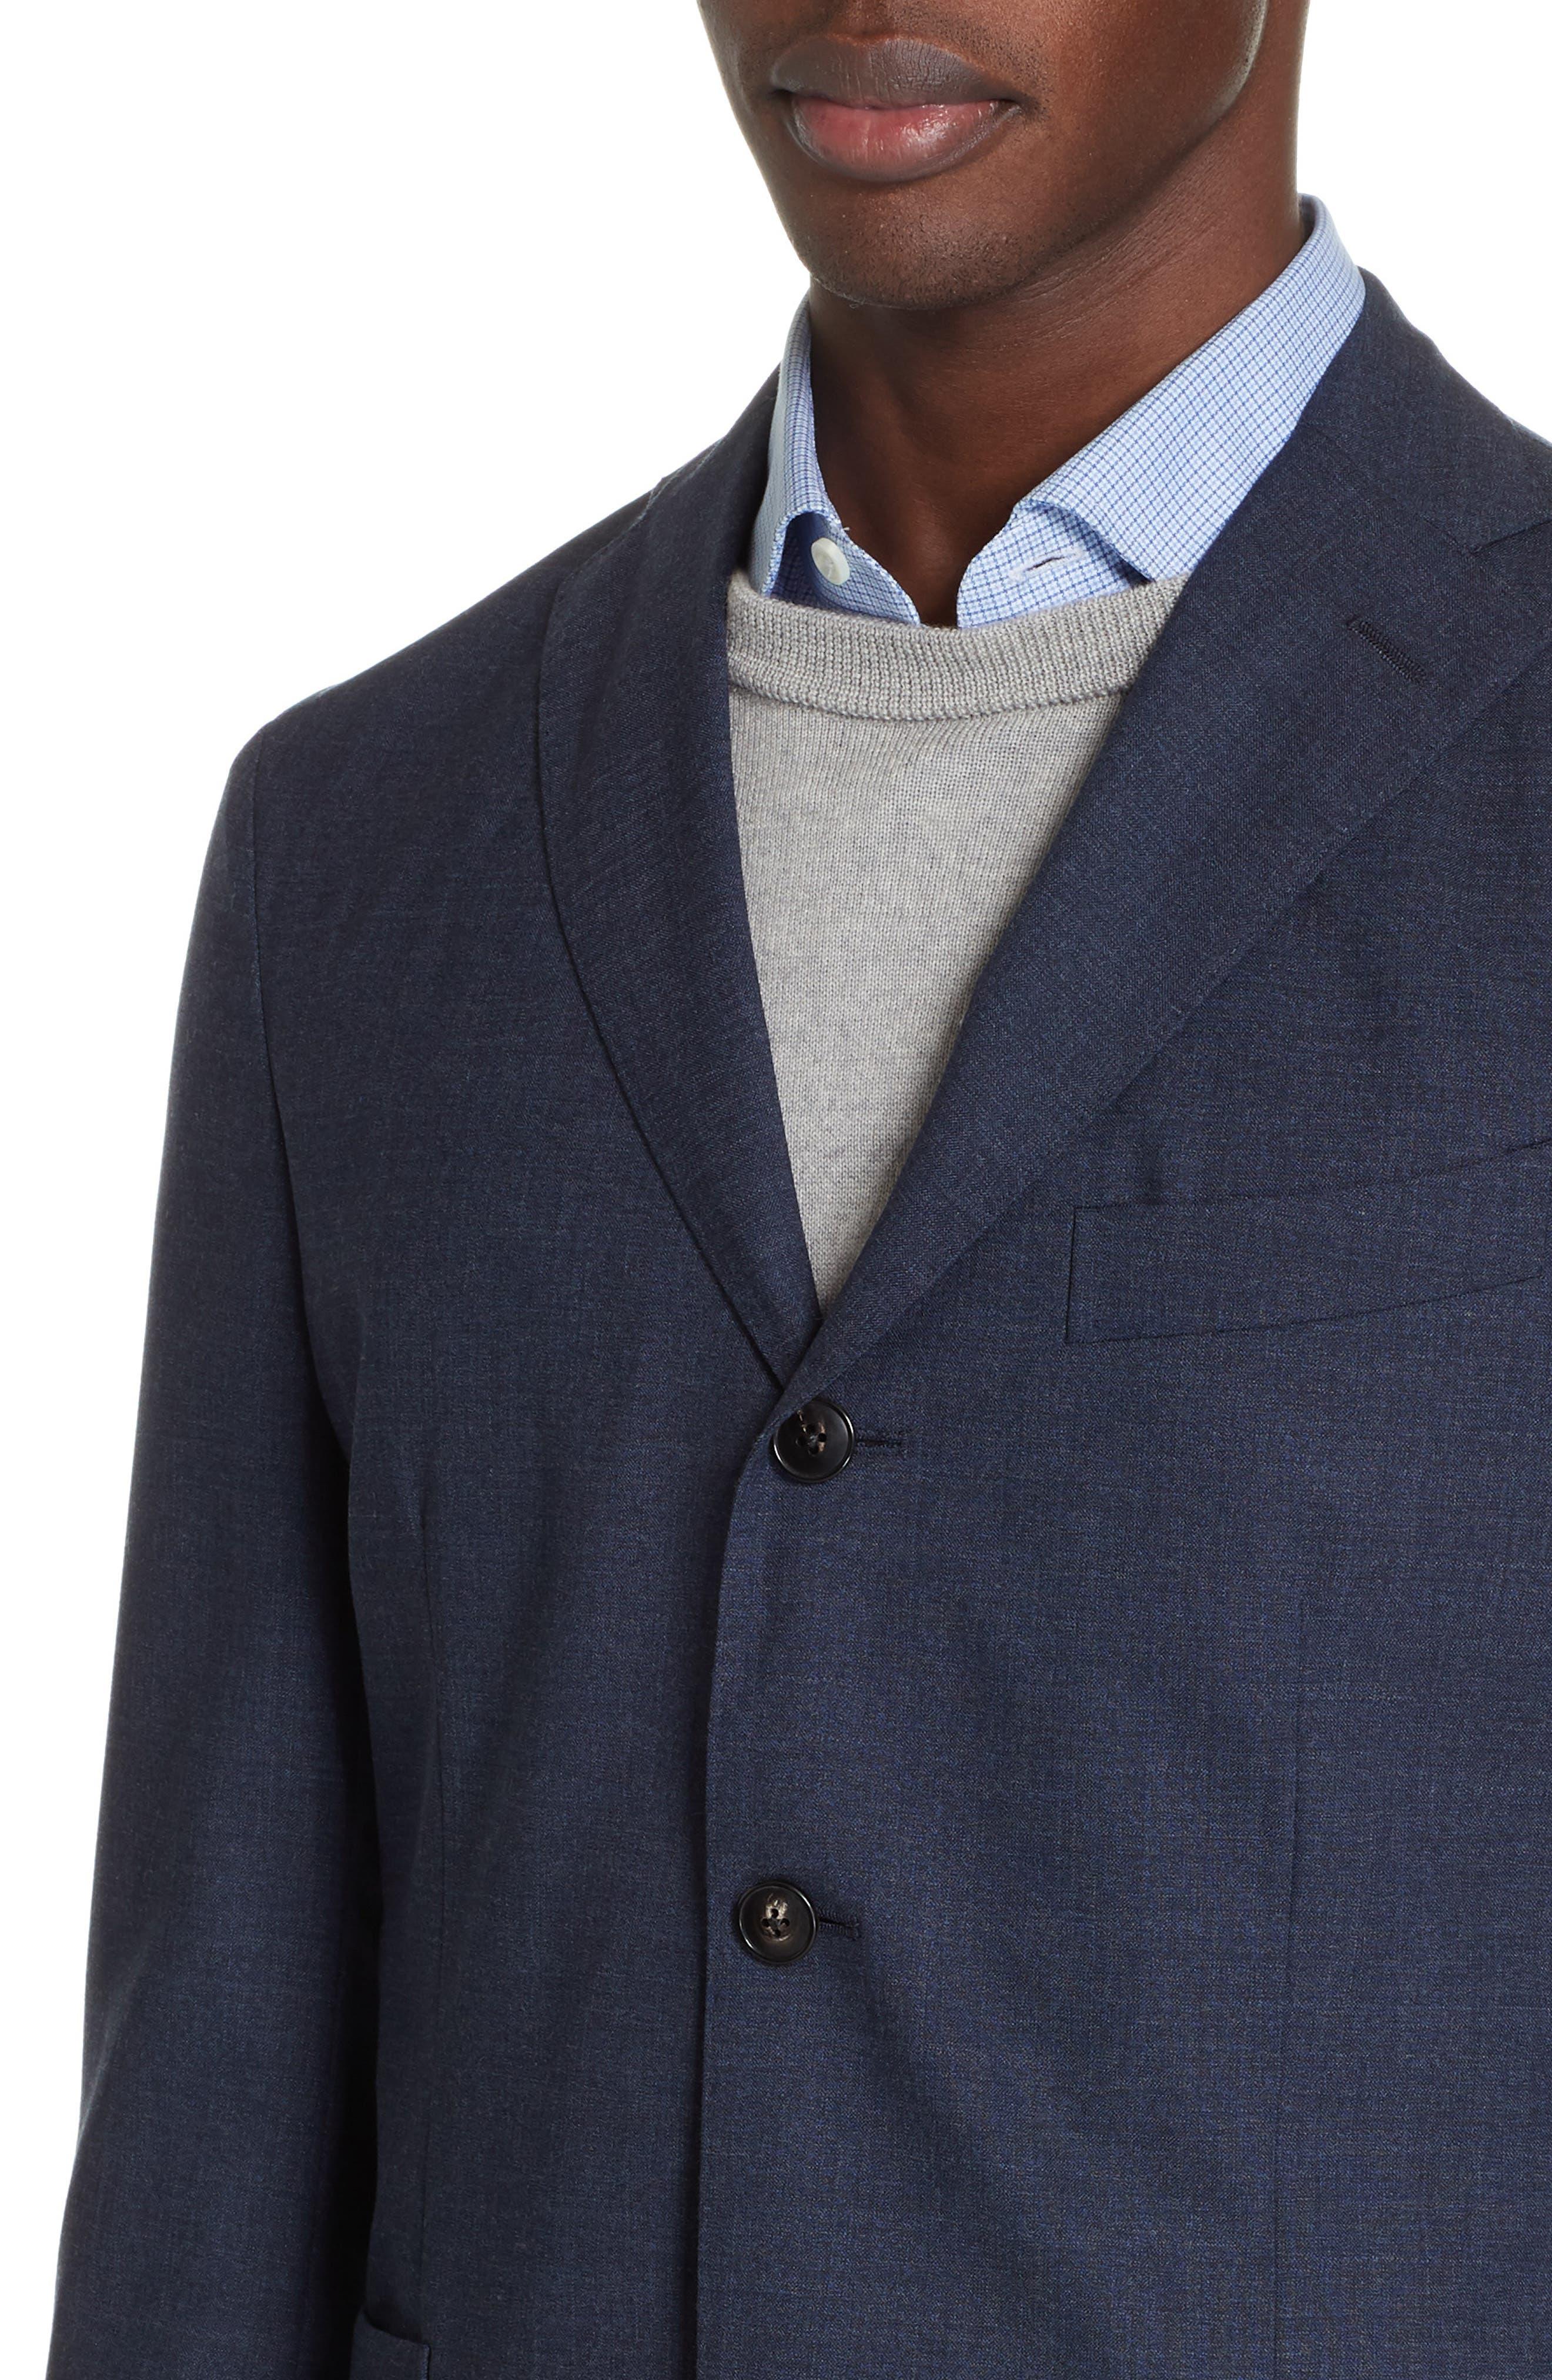 Trim Fit Solid Wool Suit,                             Alternate thumbnail 4, color,                             BLUE